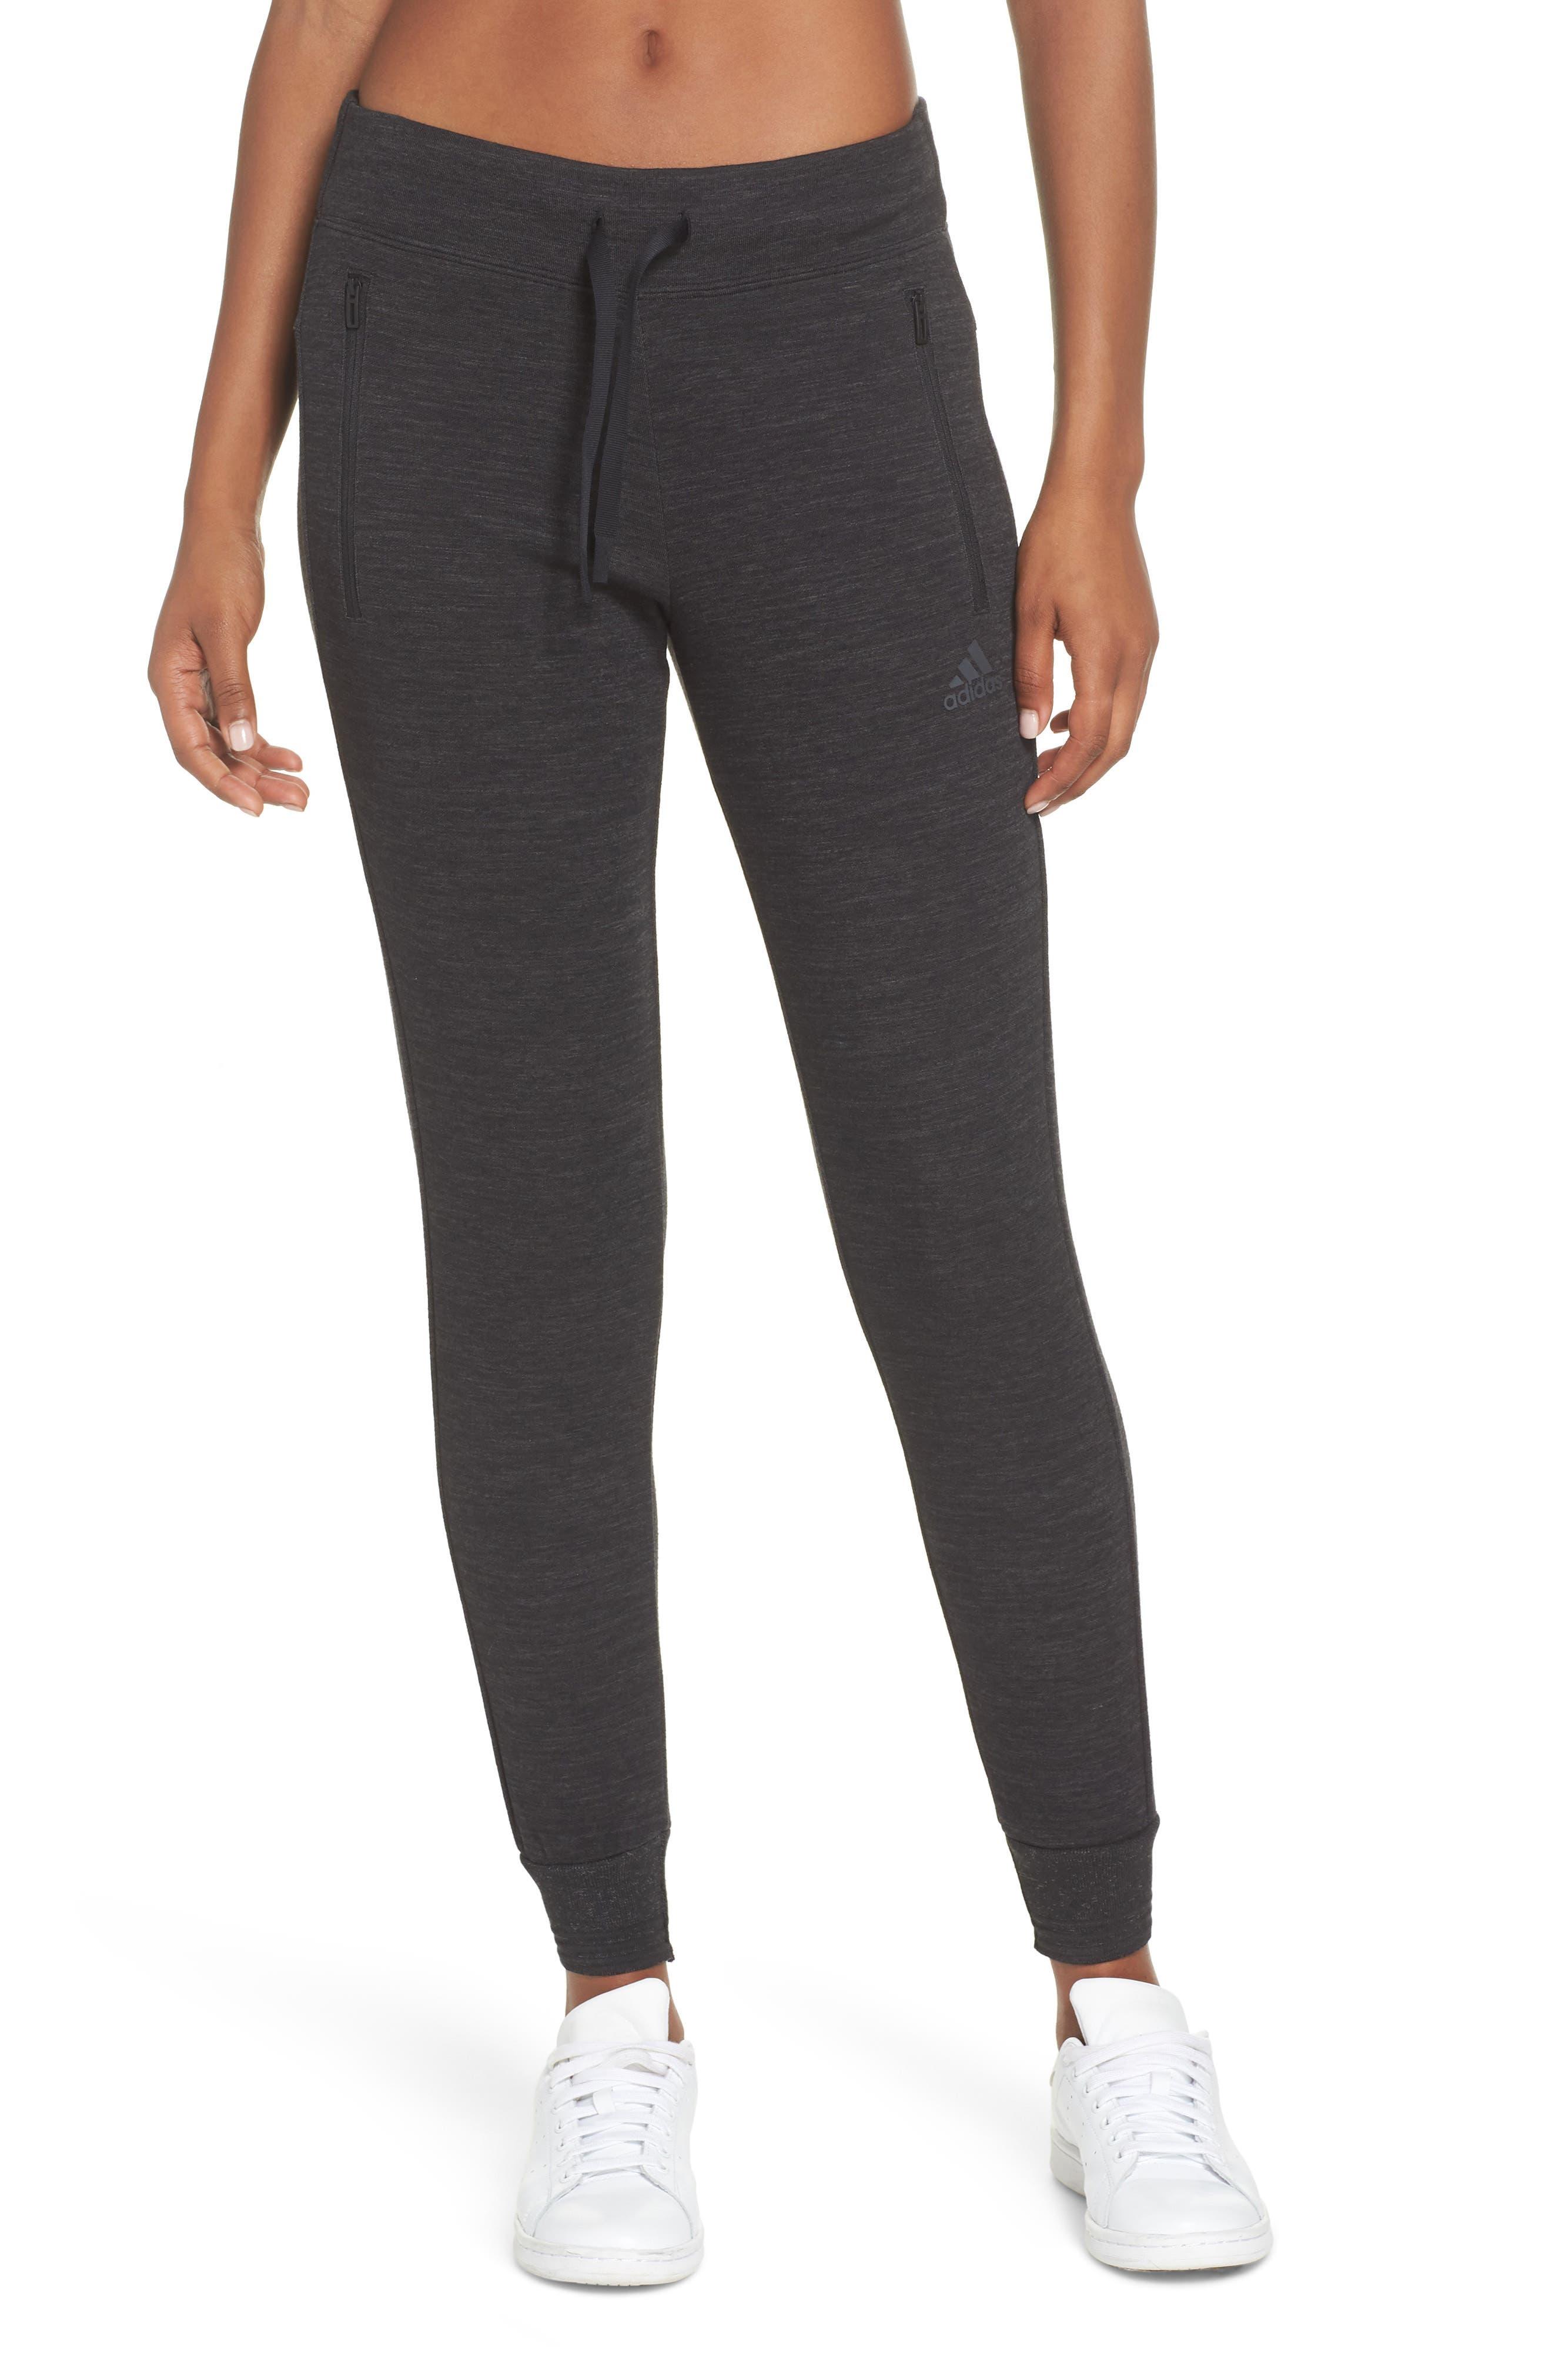 ID Slim Sweatpants,                             Main thumbnail 1, color,                             BLACK/ GREY FIVE